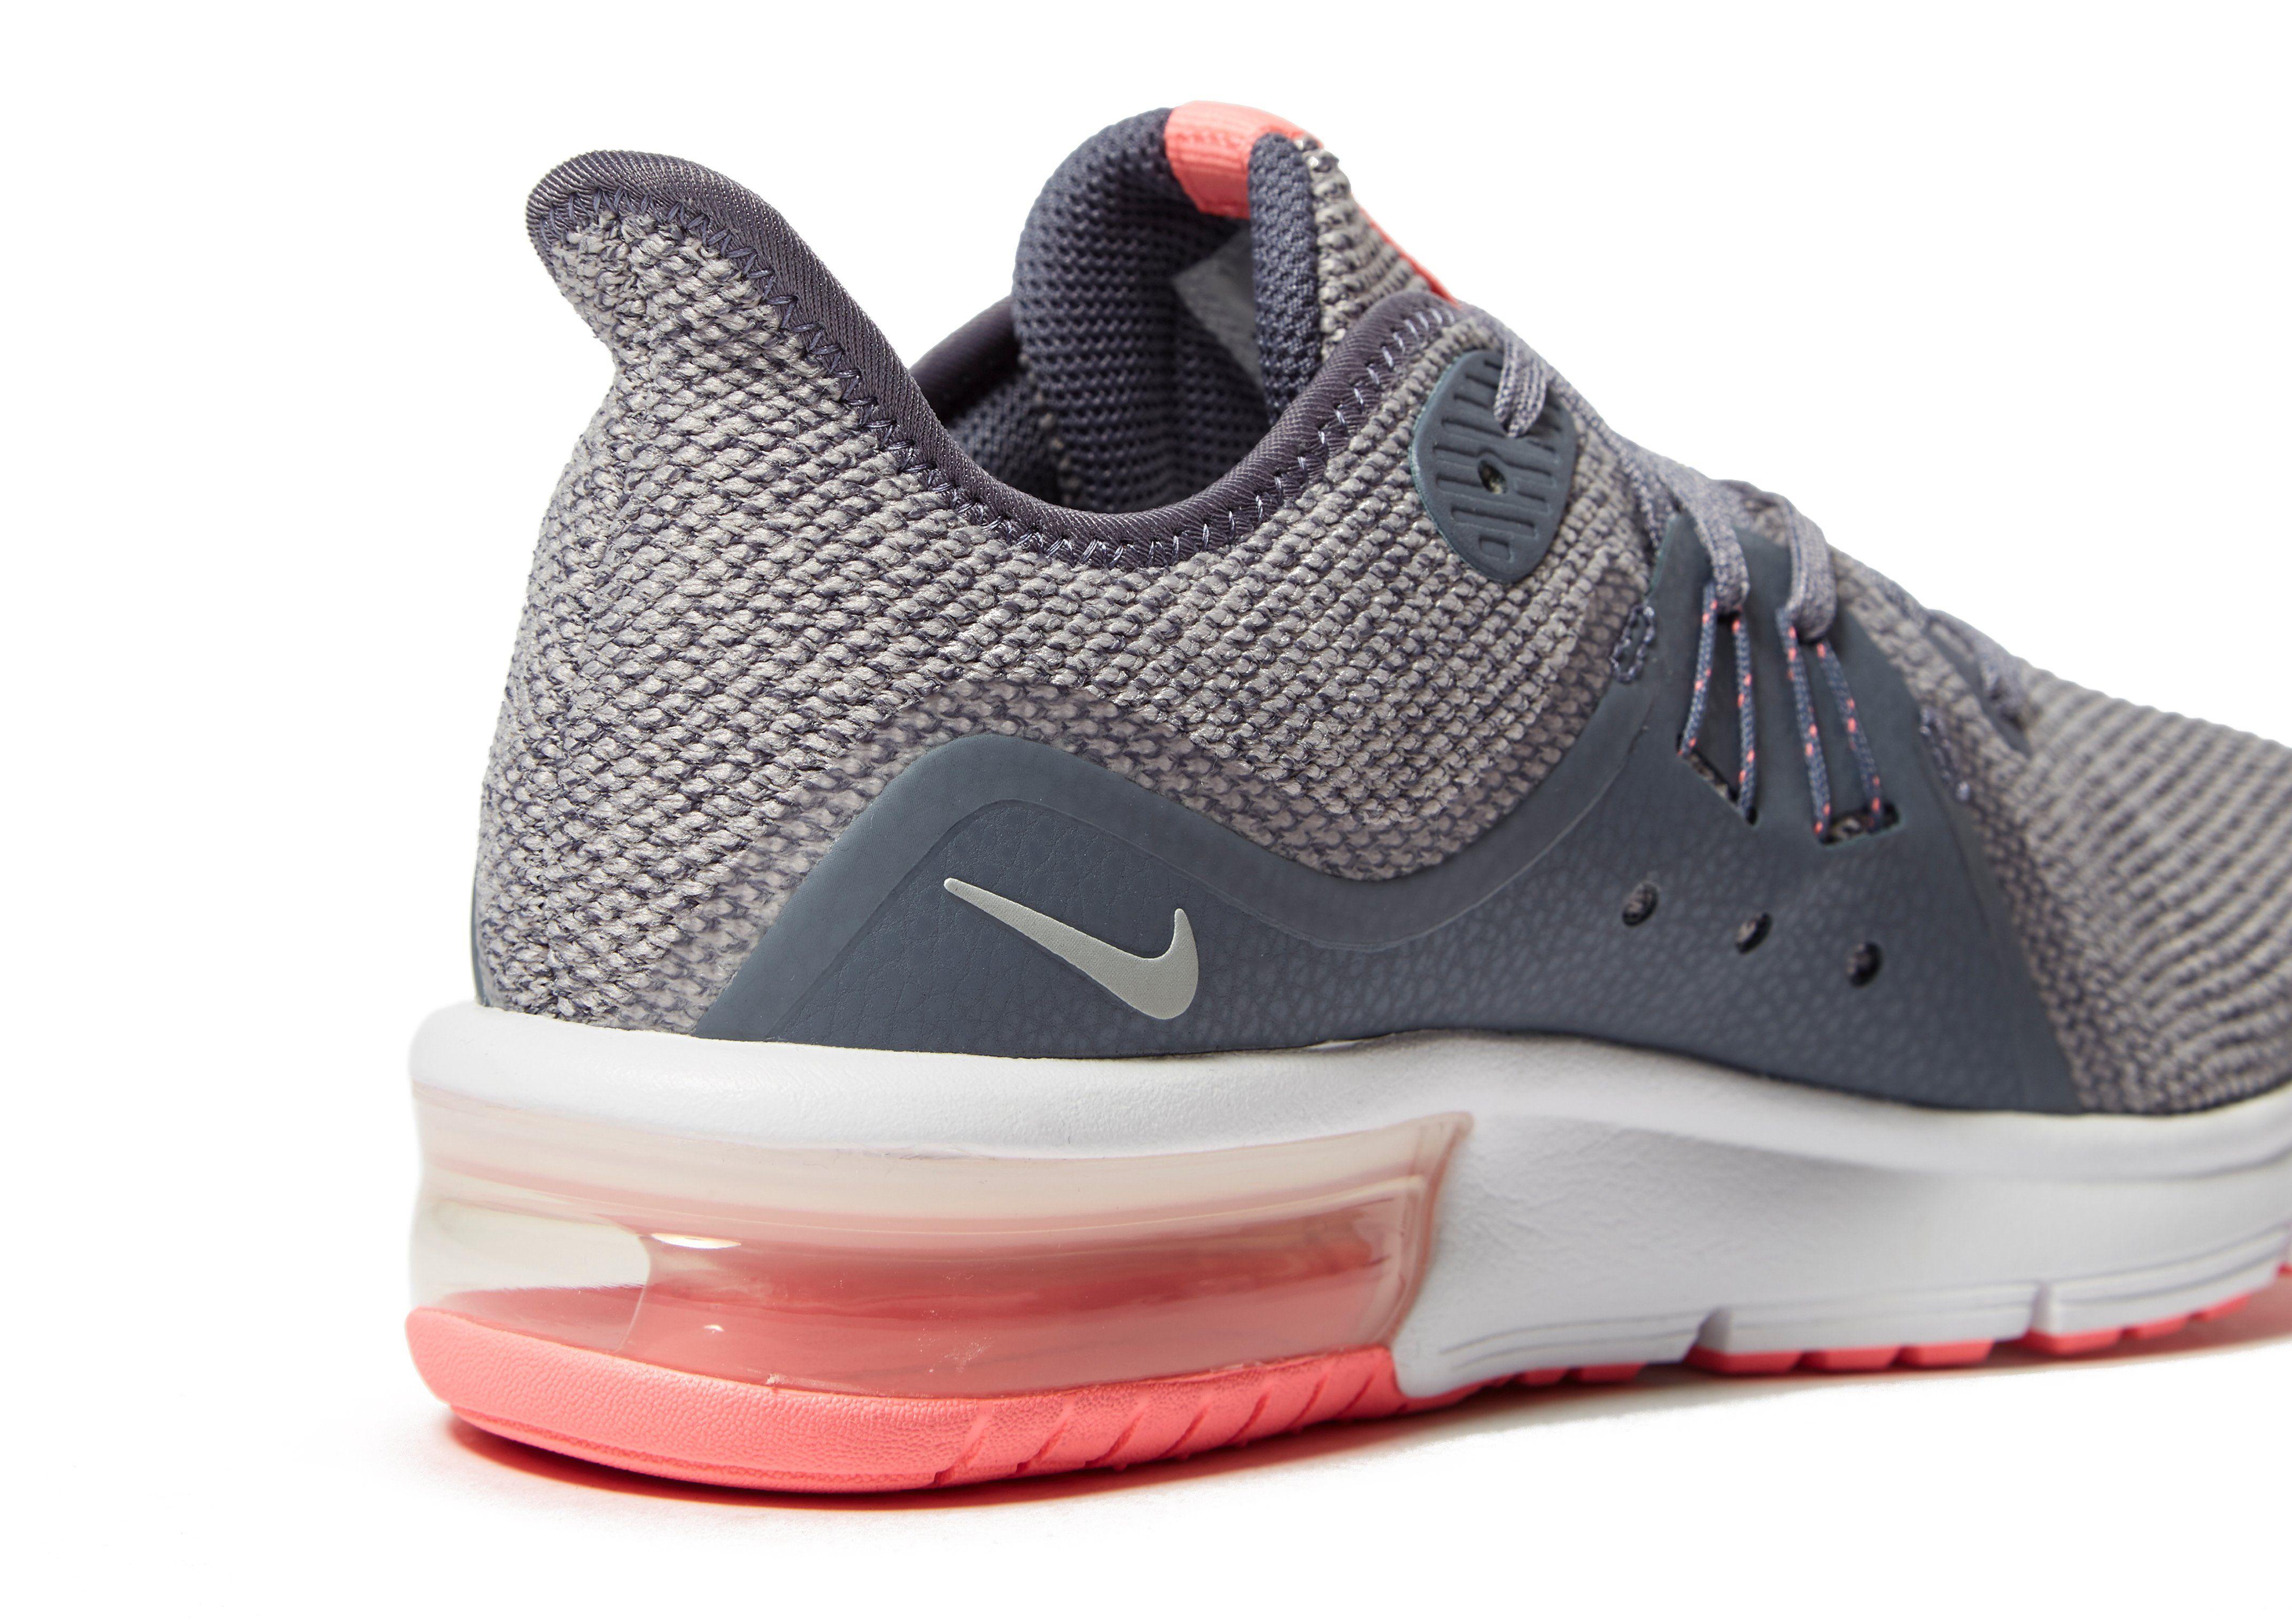 Billige Echte Nike Air Max Sequent 3 Junior Carbon-Pink Grau Offizieller Online-Verkauf Outlet Rabatt Authentisch Verkauf Wie Viel 4zLPqTa